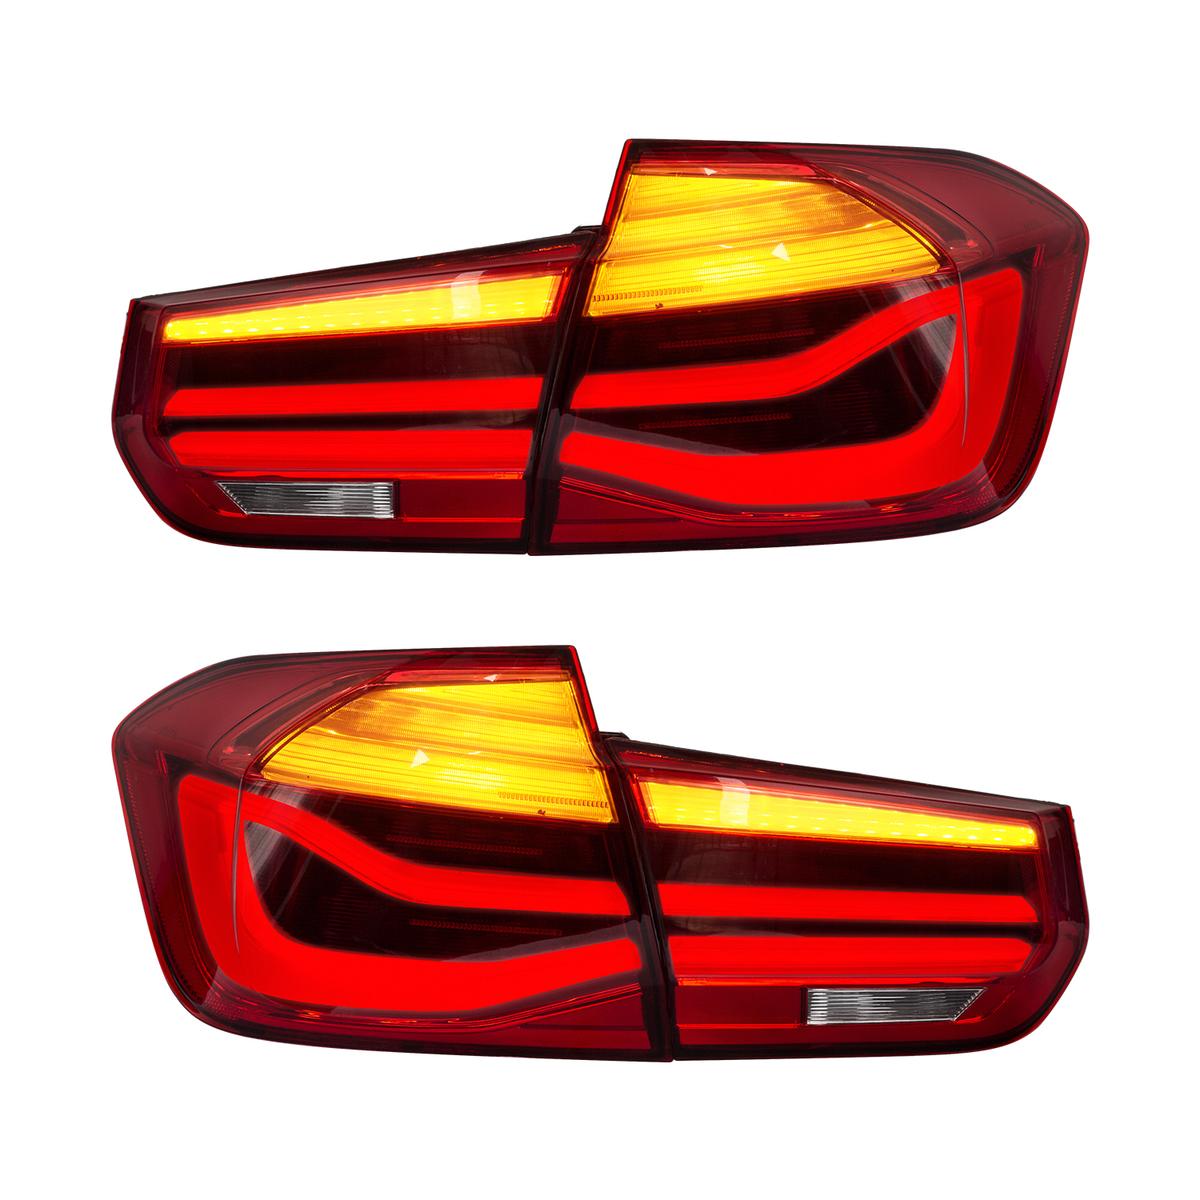 流れる ウインカー 格安 価格でご提供いたします BMW F30 3シリーズ,全LED タイムセール レッドクリア USEKA 3シリーズ テールランプ リアライト テールライト テールレンズ F35 tail LAMP 仕様 LIGHT FOR パフォーマンスルック全LED 13-15年 左右セット新品 2013-2015 F80 LED M3